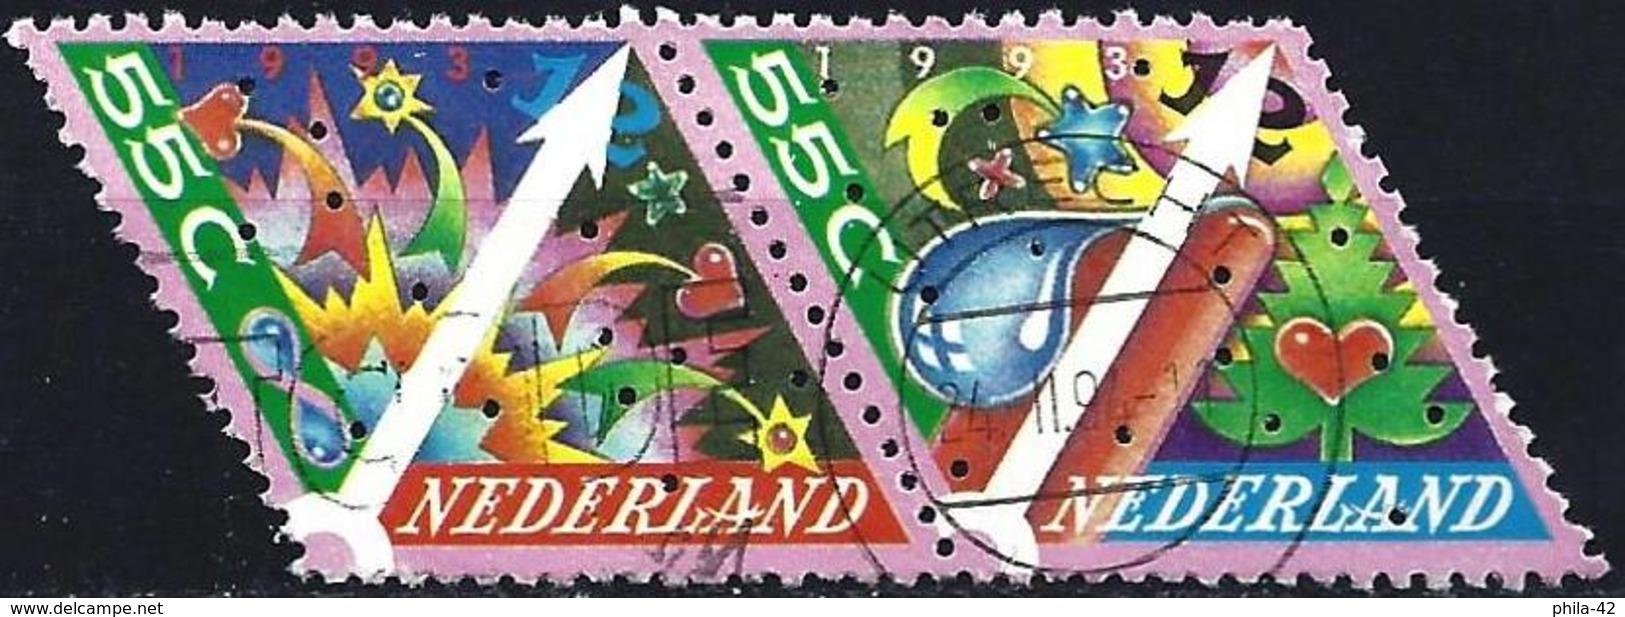 Netherlands 1993 - Stamp For Christmas ( Mi 1496/97 - YT 1459/60 ) - Oblitérés